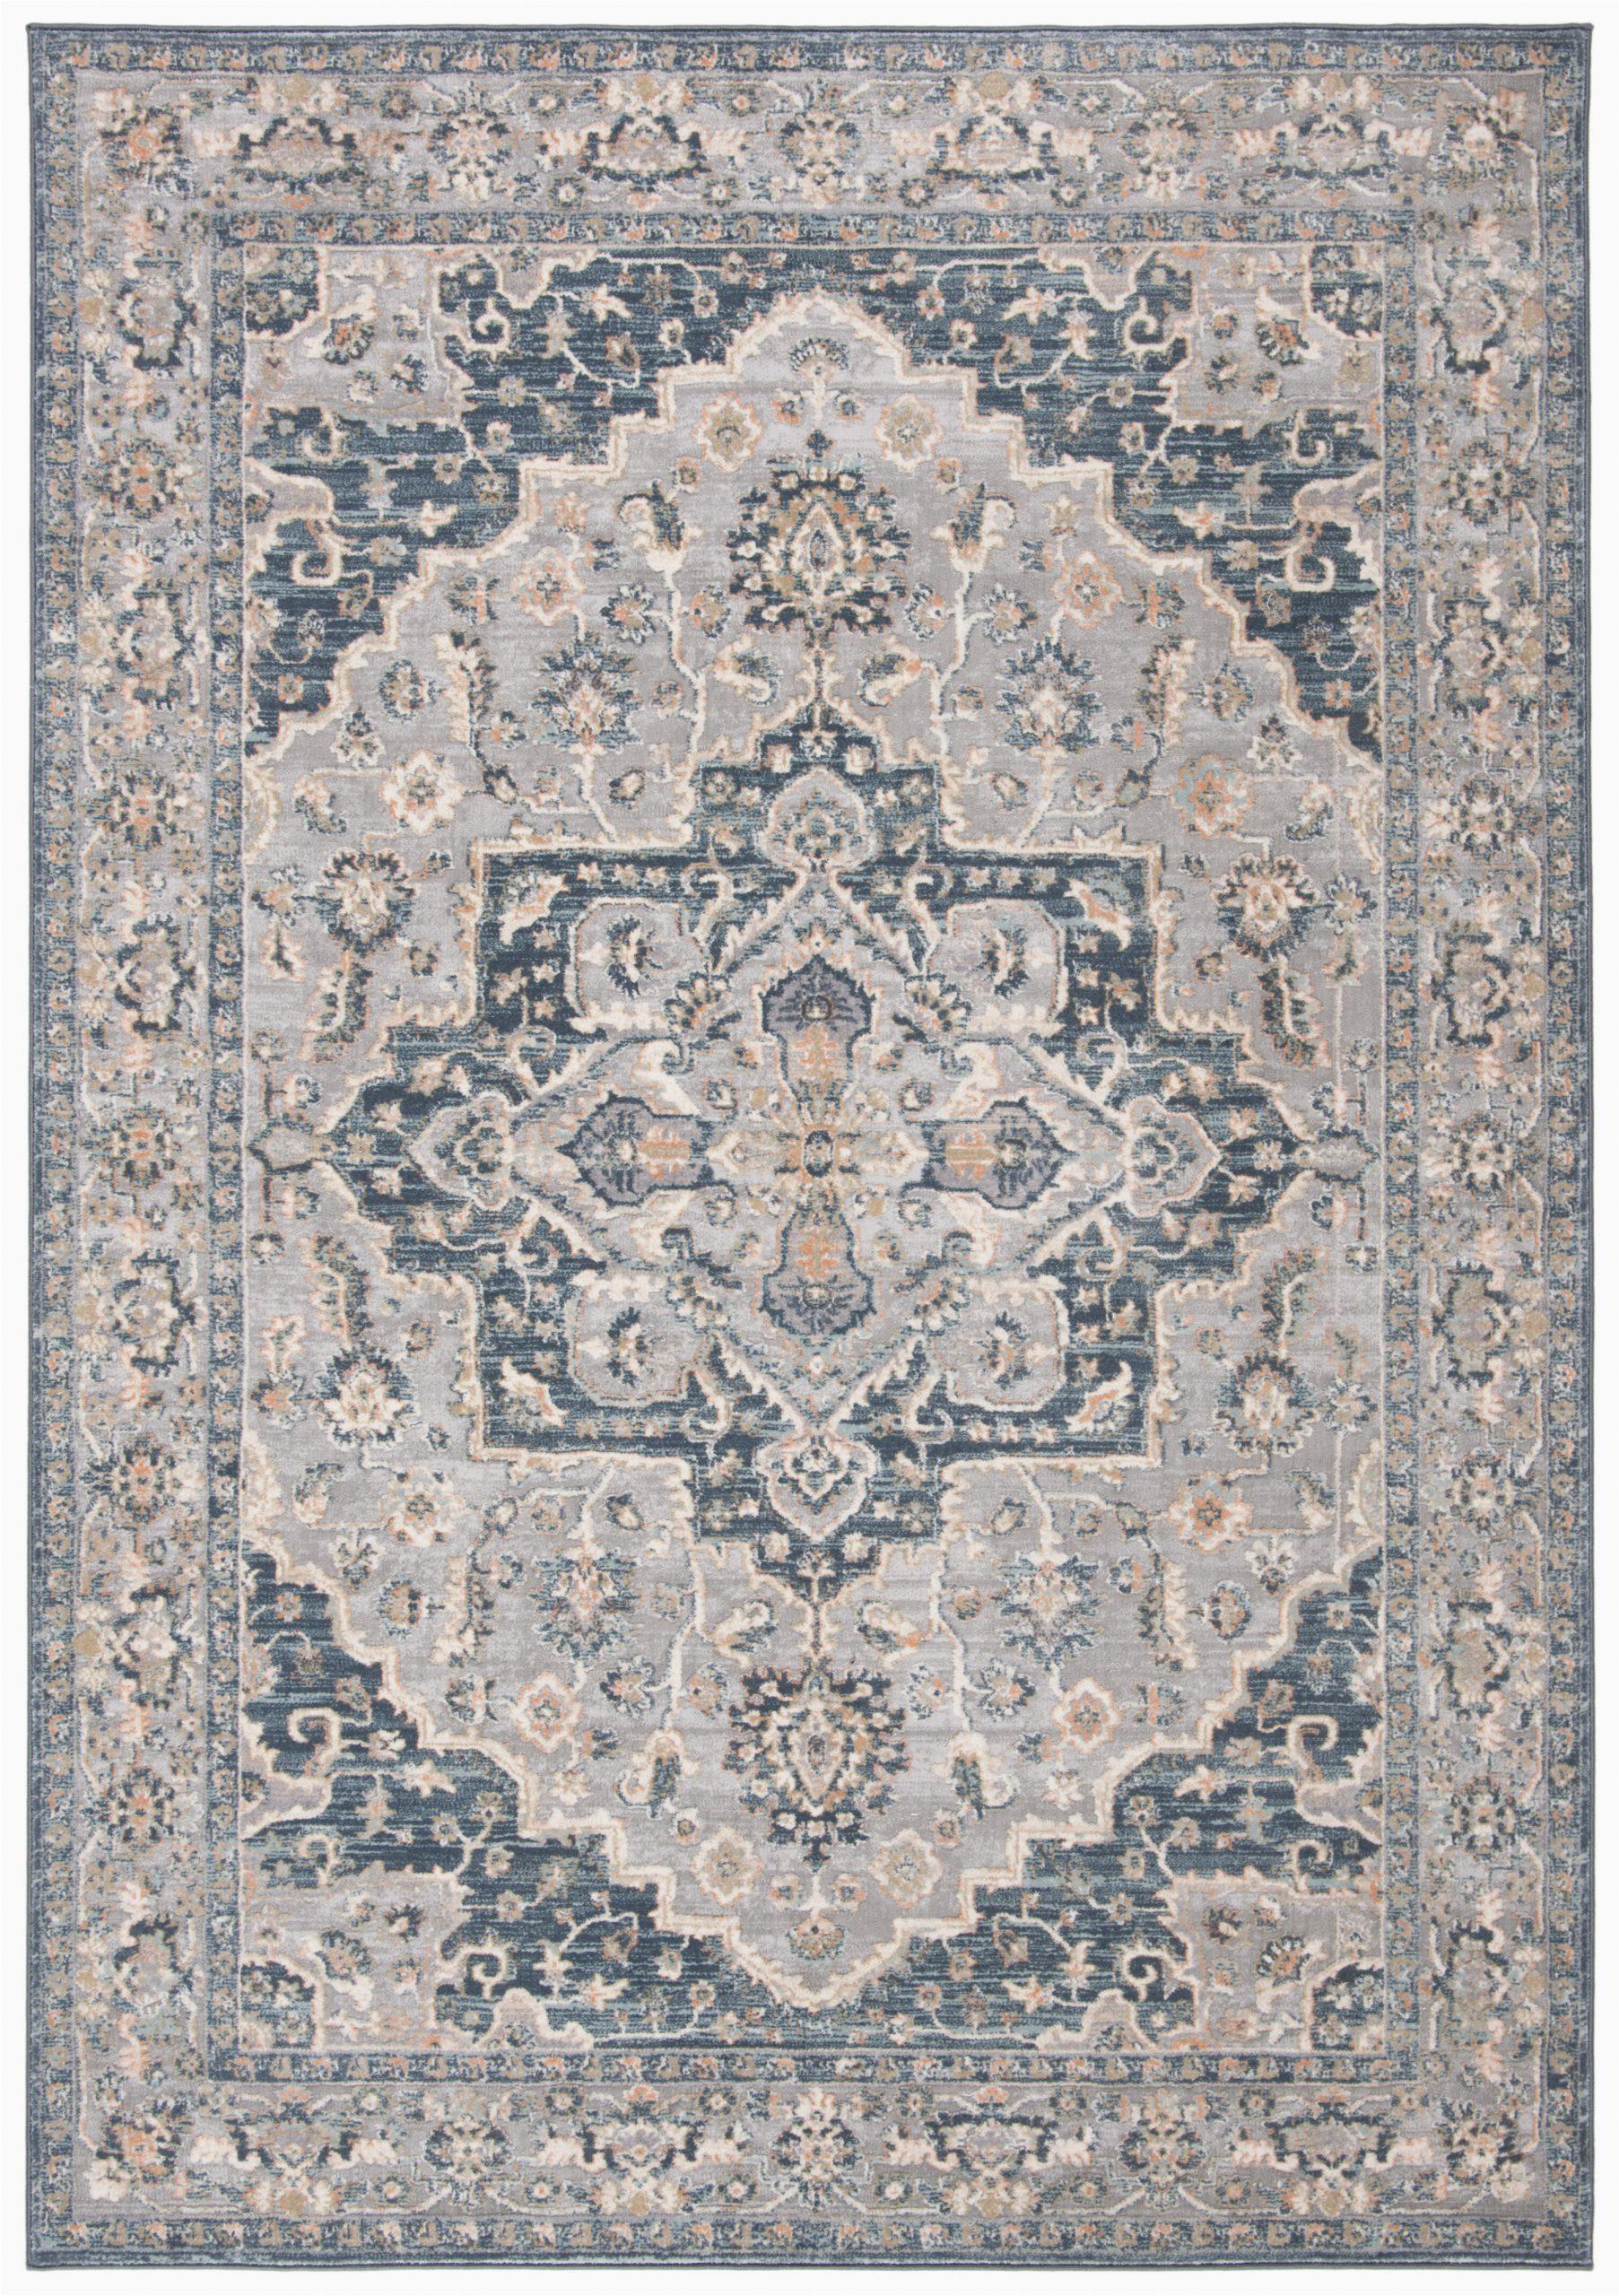 martha stewart rugs martha stewart 684 cream blue area rug w